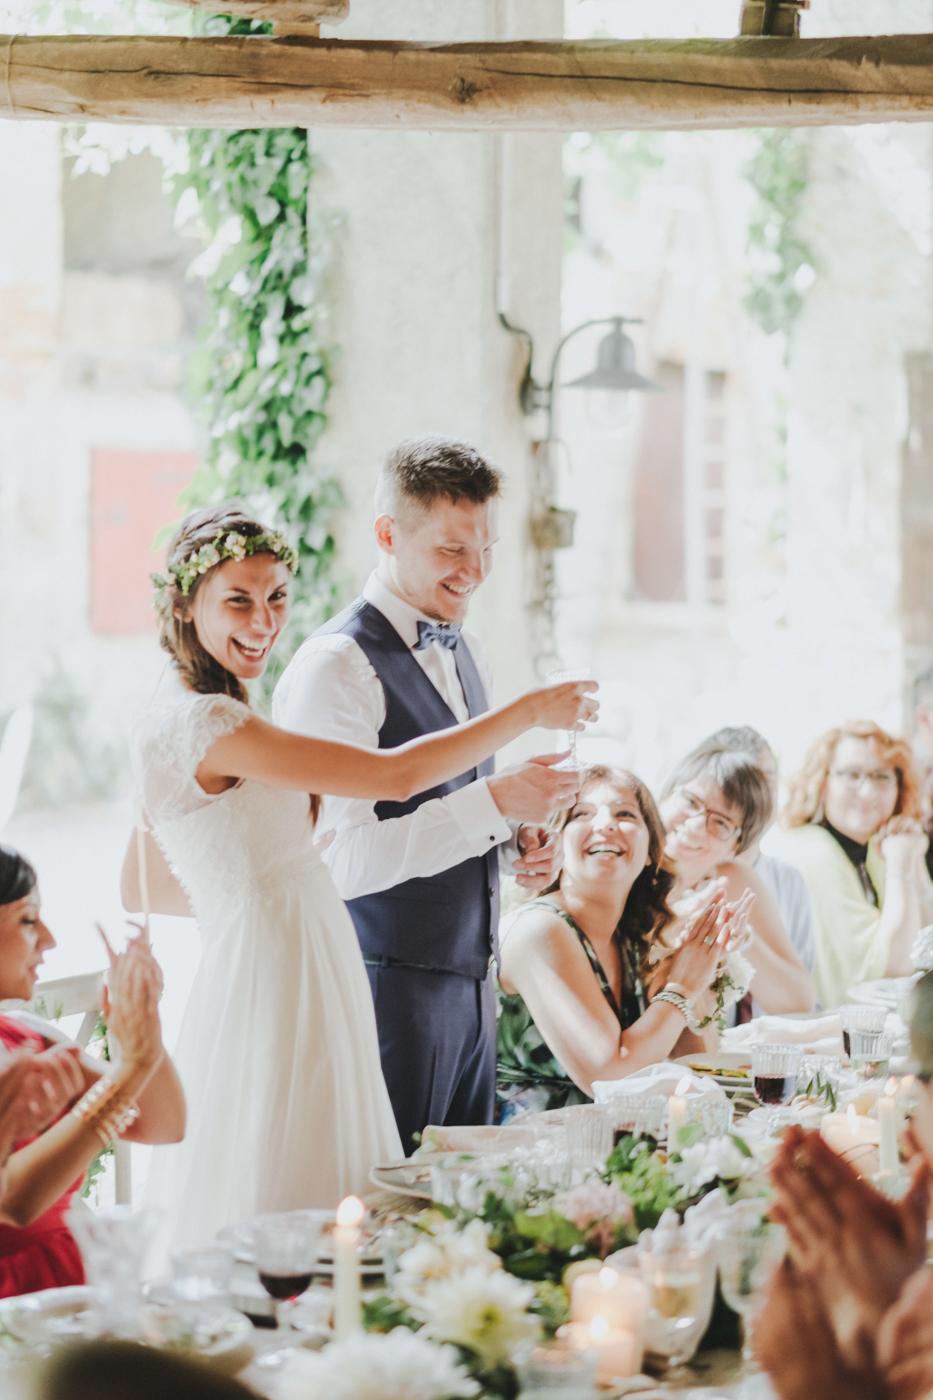 fotografo matrimonio como-129.jpg